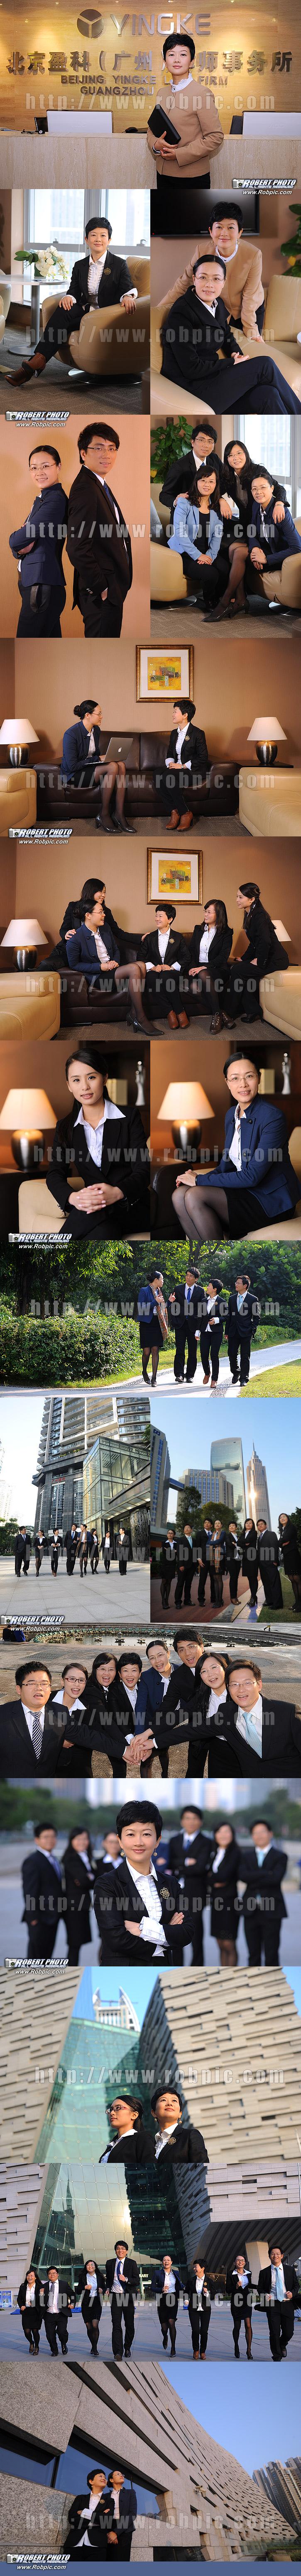 企业团队形象 盈科律师事务所精英  www.robpic.com